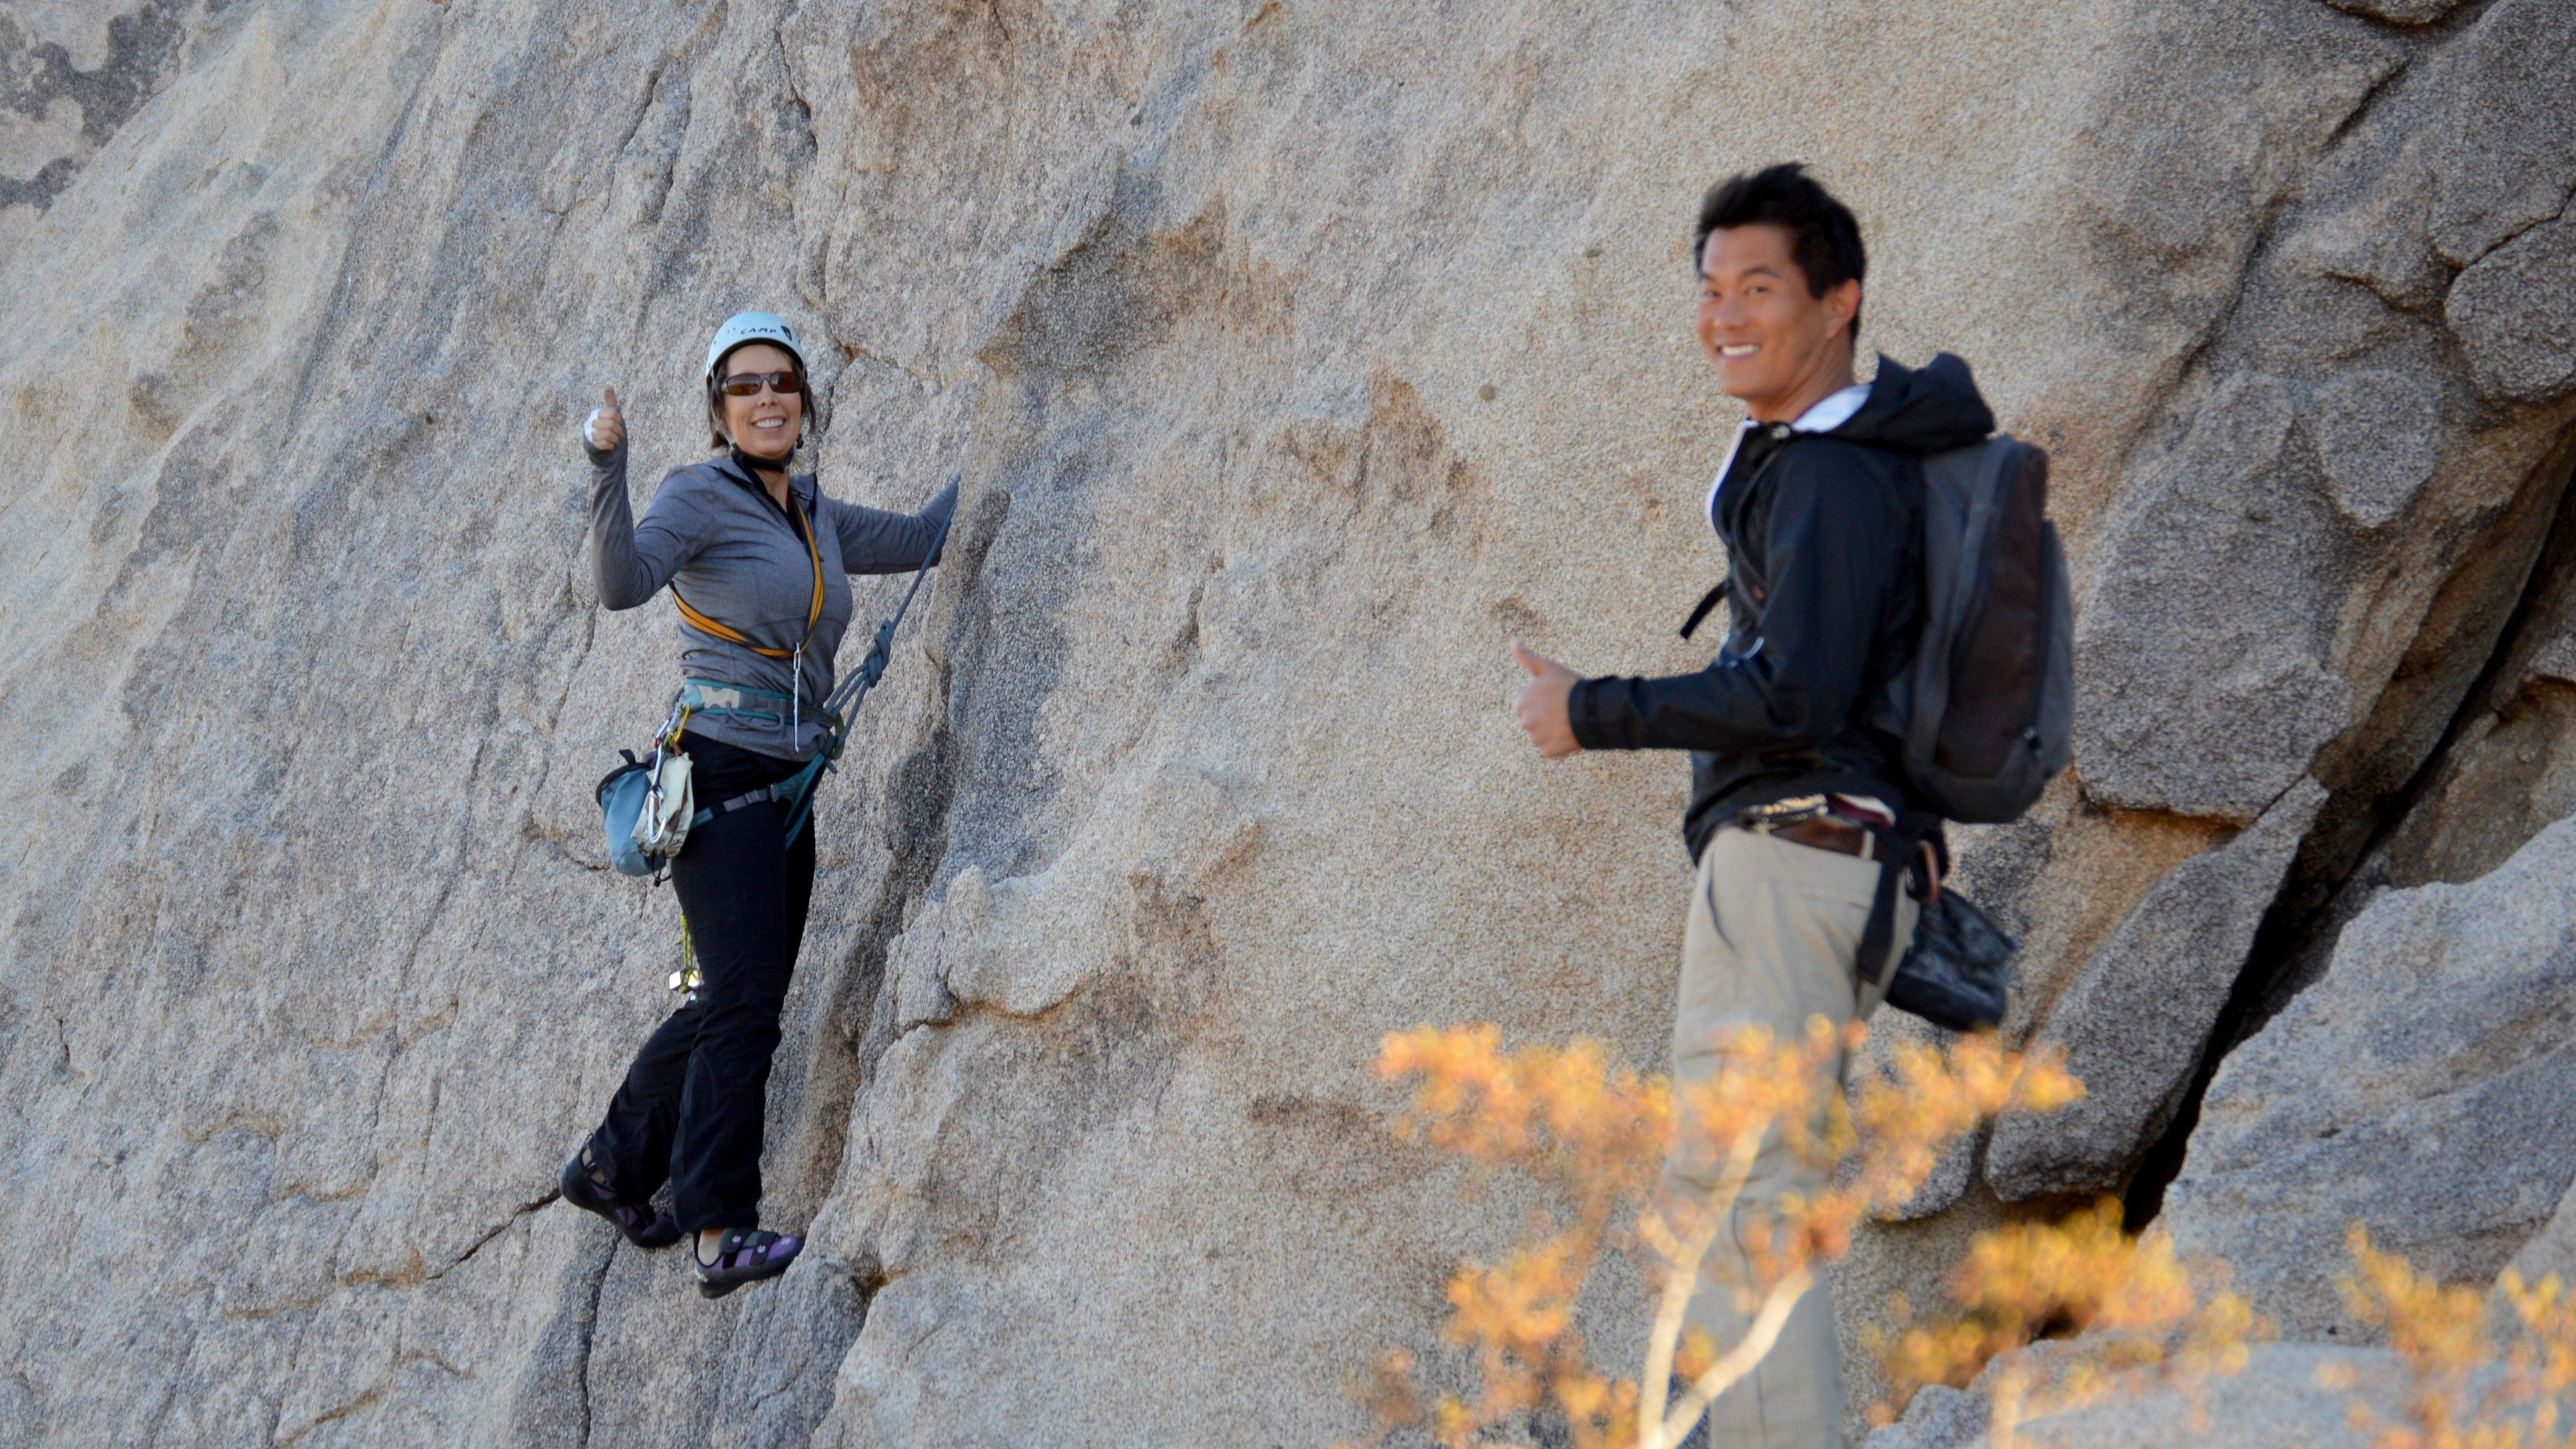 Rock climbing couple giving thumbs up in Ontario, California